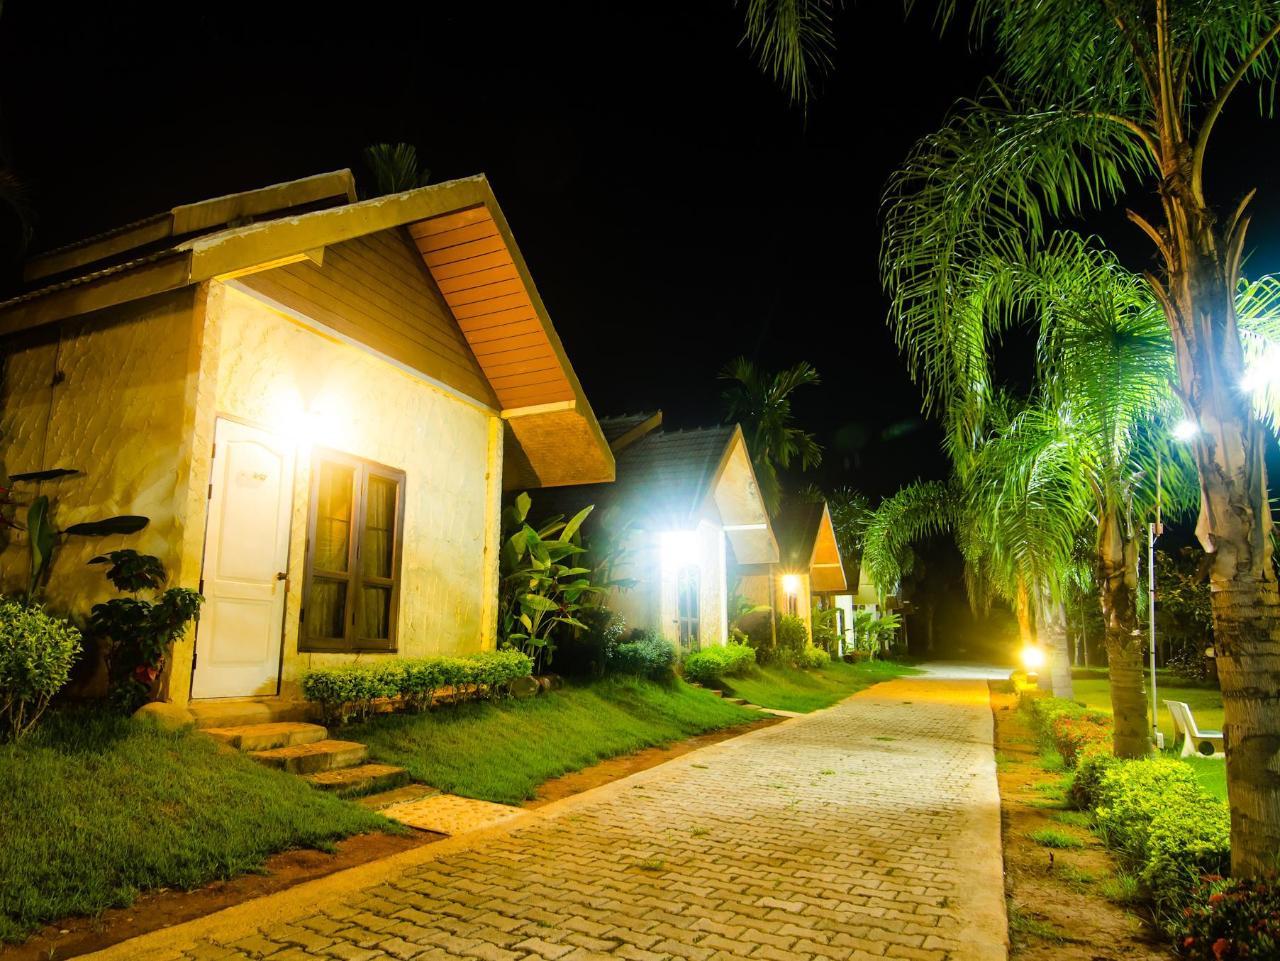 ปางสารภี รีสอร์ท (Pangsarapee Resort)